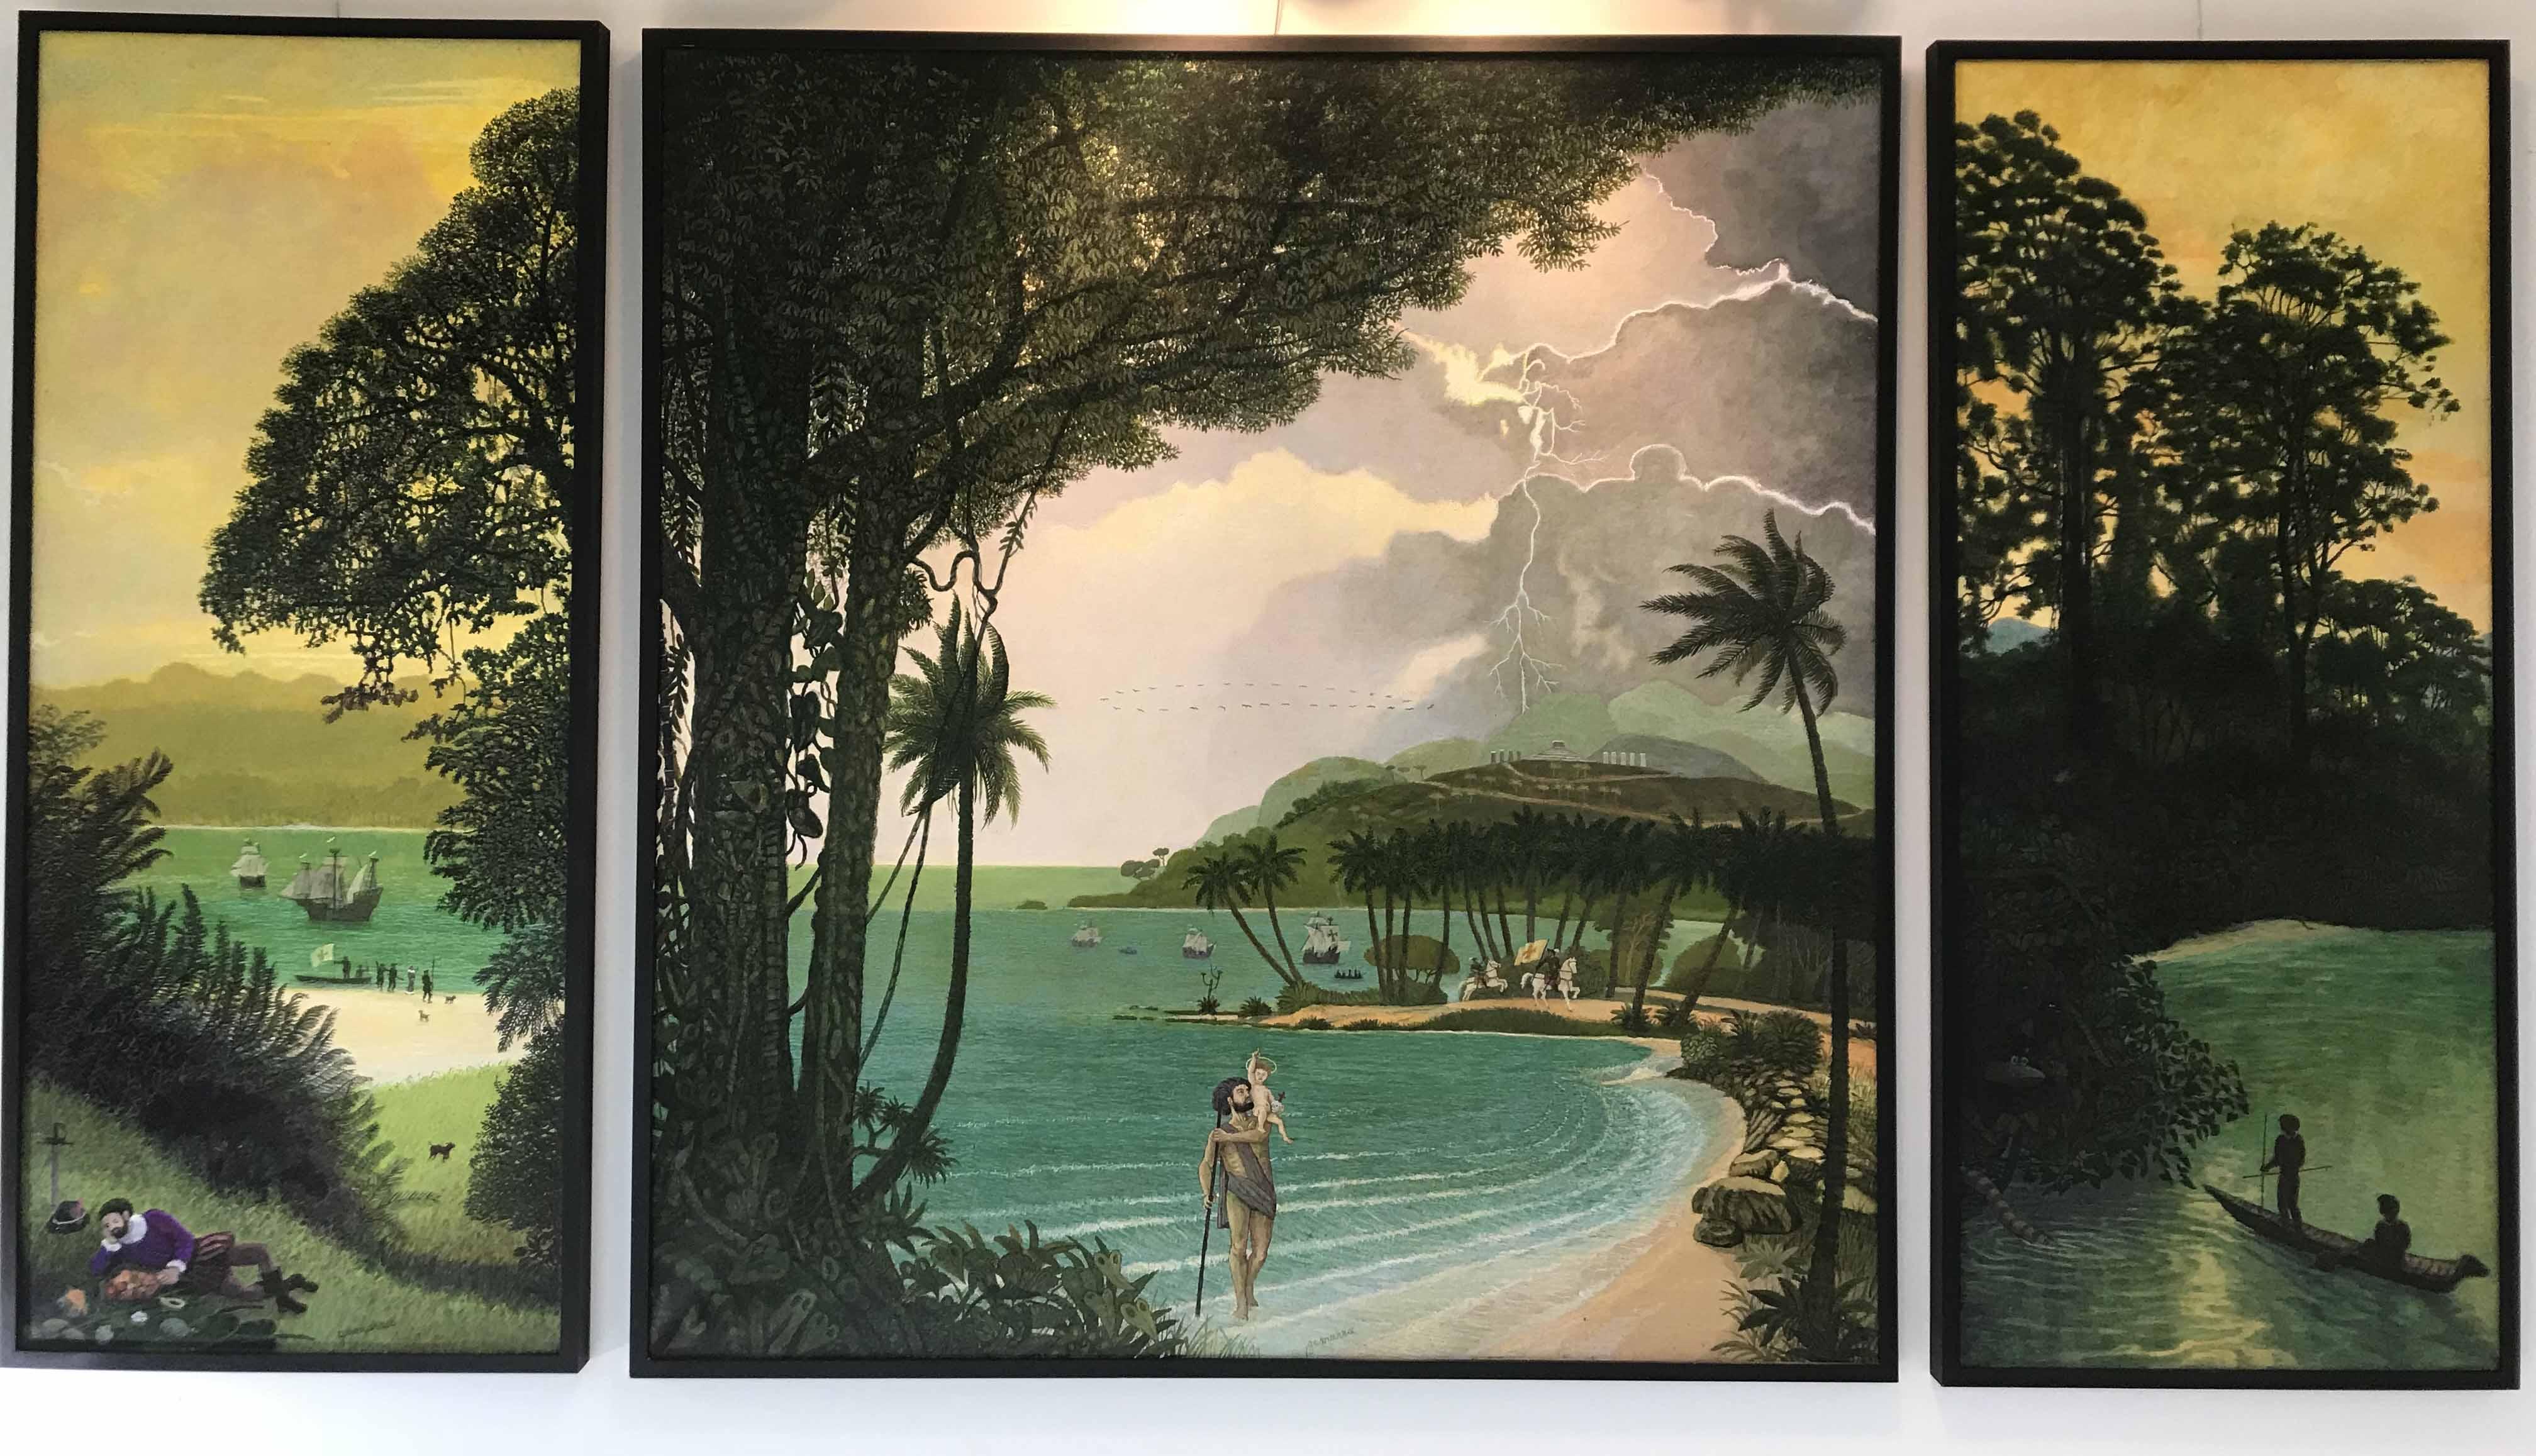 """JOSE GAMARRA (Nac. 1934) """"CRONICAS DE LA HISTORIA"""" Acrílico y óleo sobre tela; 220 x 124 cm. Firmado abajo en el centro en el tríptico de la izquierda. Firmado abajo en el centro en el cuadro central. Titulado, fechado 1993 y vuelto a firmar al dorso. POR CONSULTAS DE PRECIOS, CONTACTE LA GALERIA. FOR PRICE´S ENQUIRIES, PLEASE CONTACT THE GALLERY."""